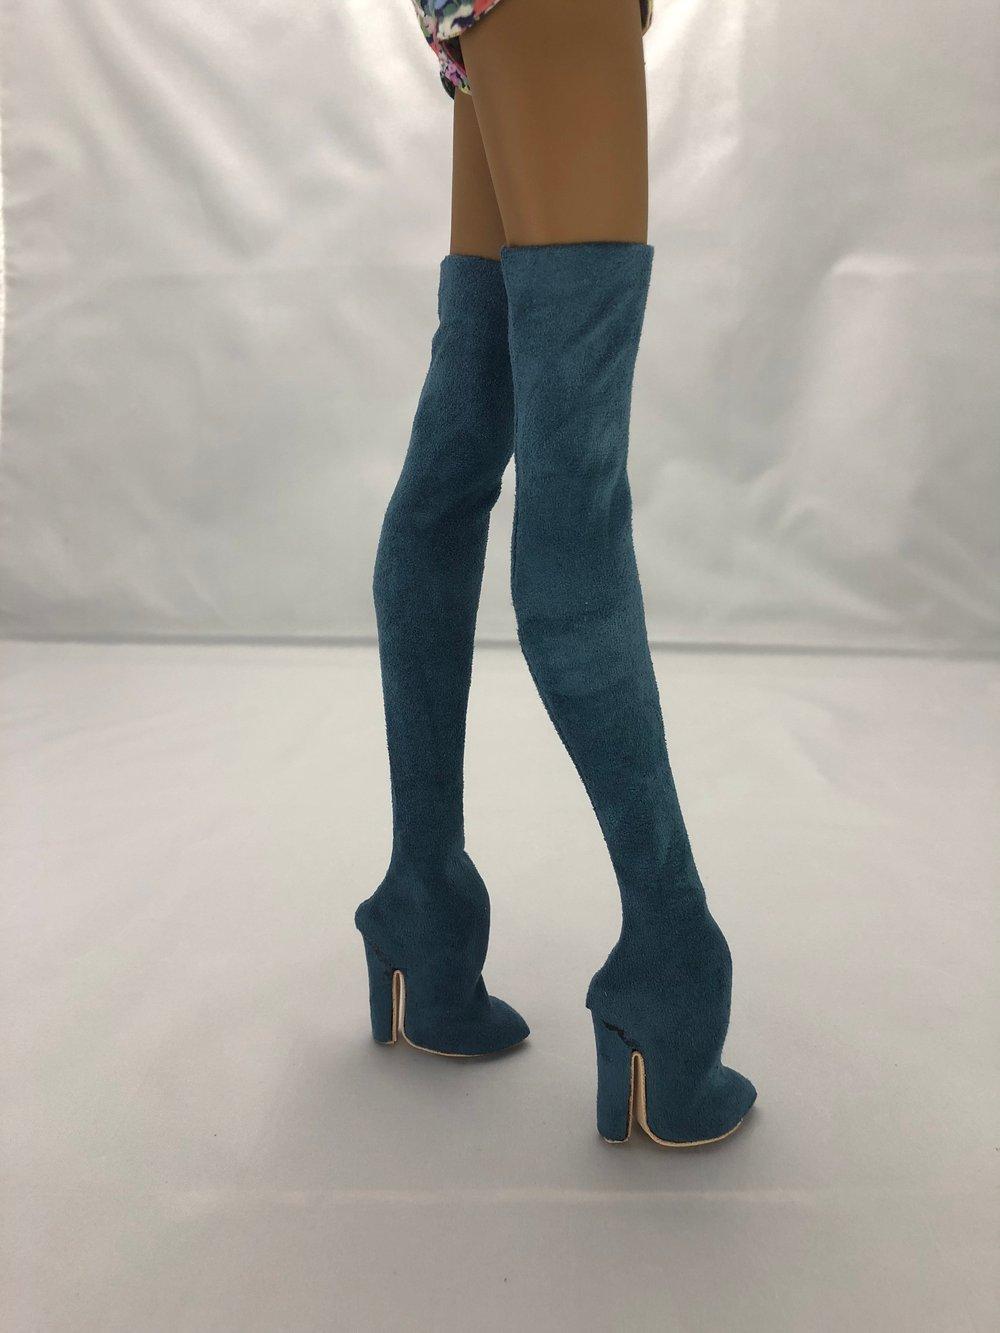 Blue Thigh High Boots: Pidgin Doll P3